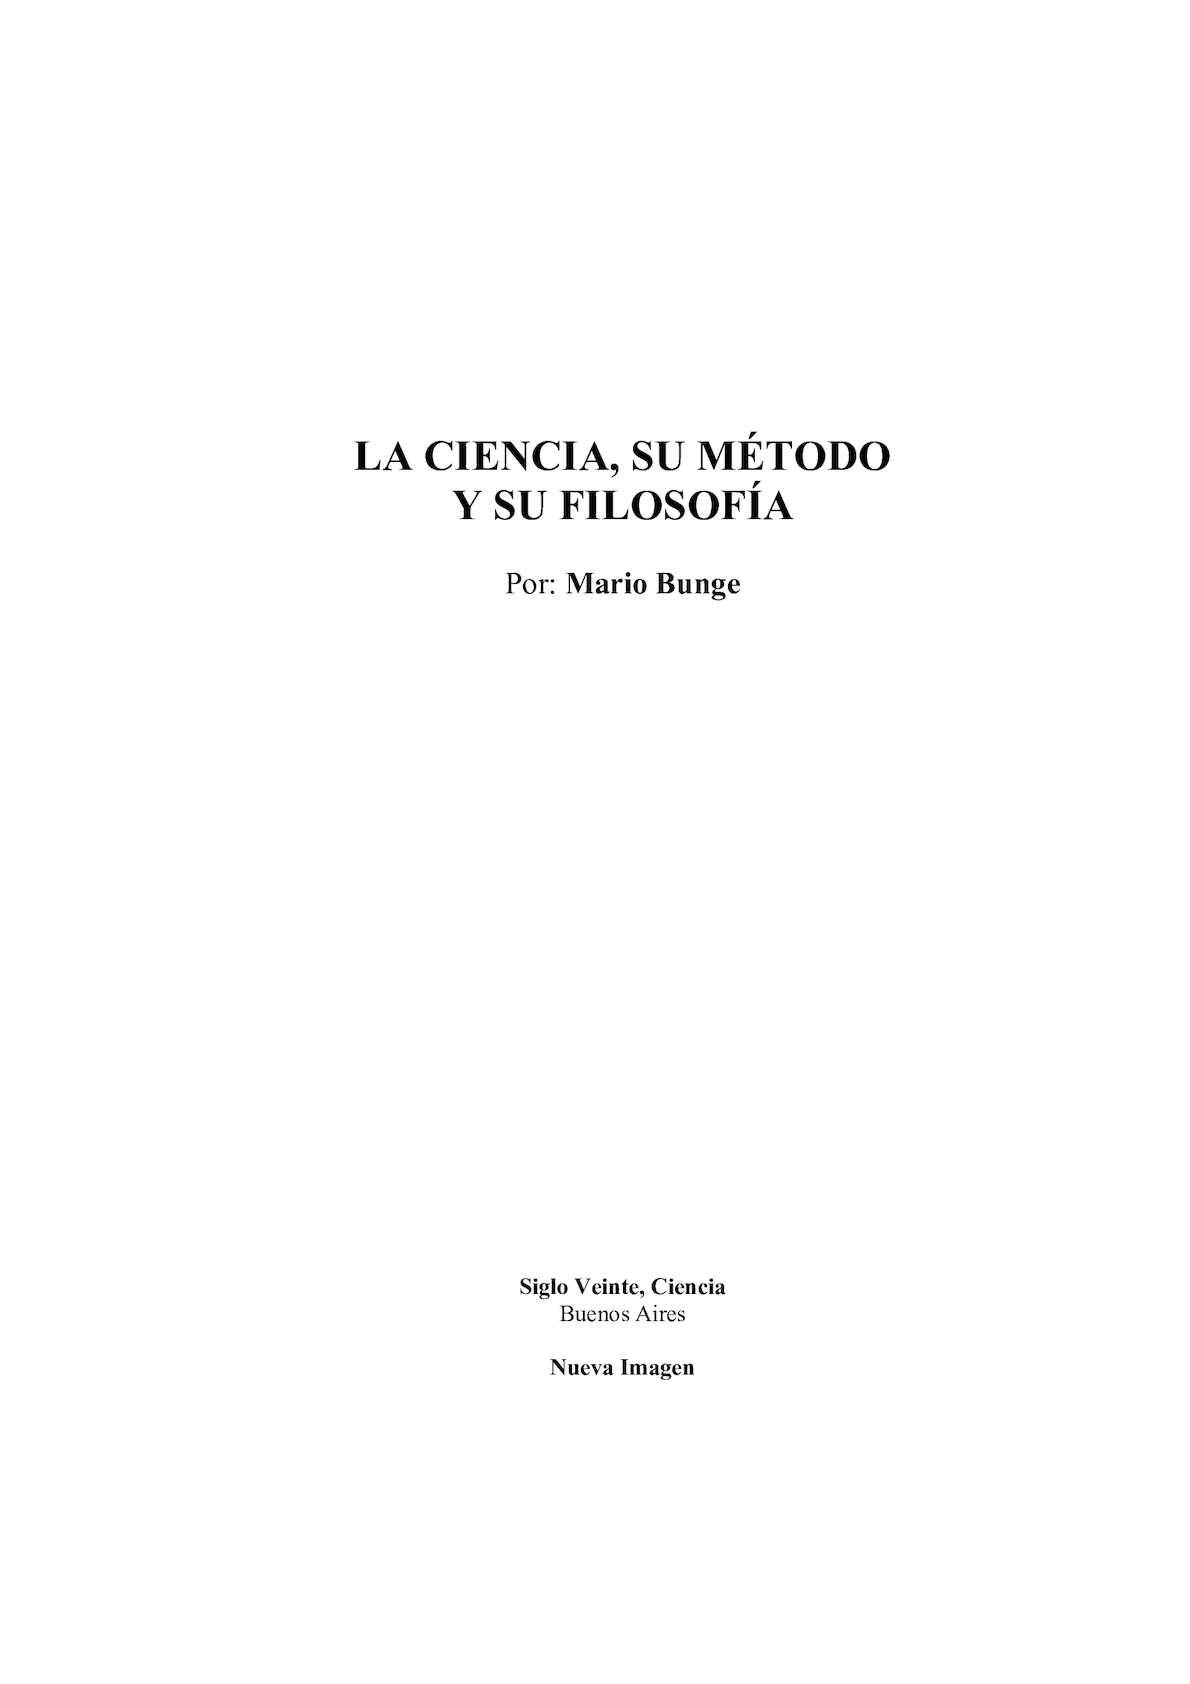 Calaméo - T3 Mario Bunge La Ciencia Su Metodo Y Su Filosofia